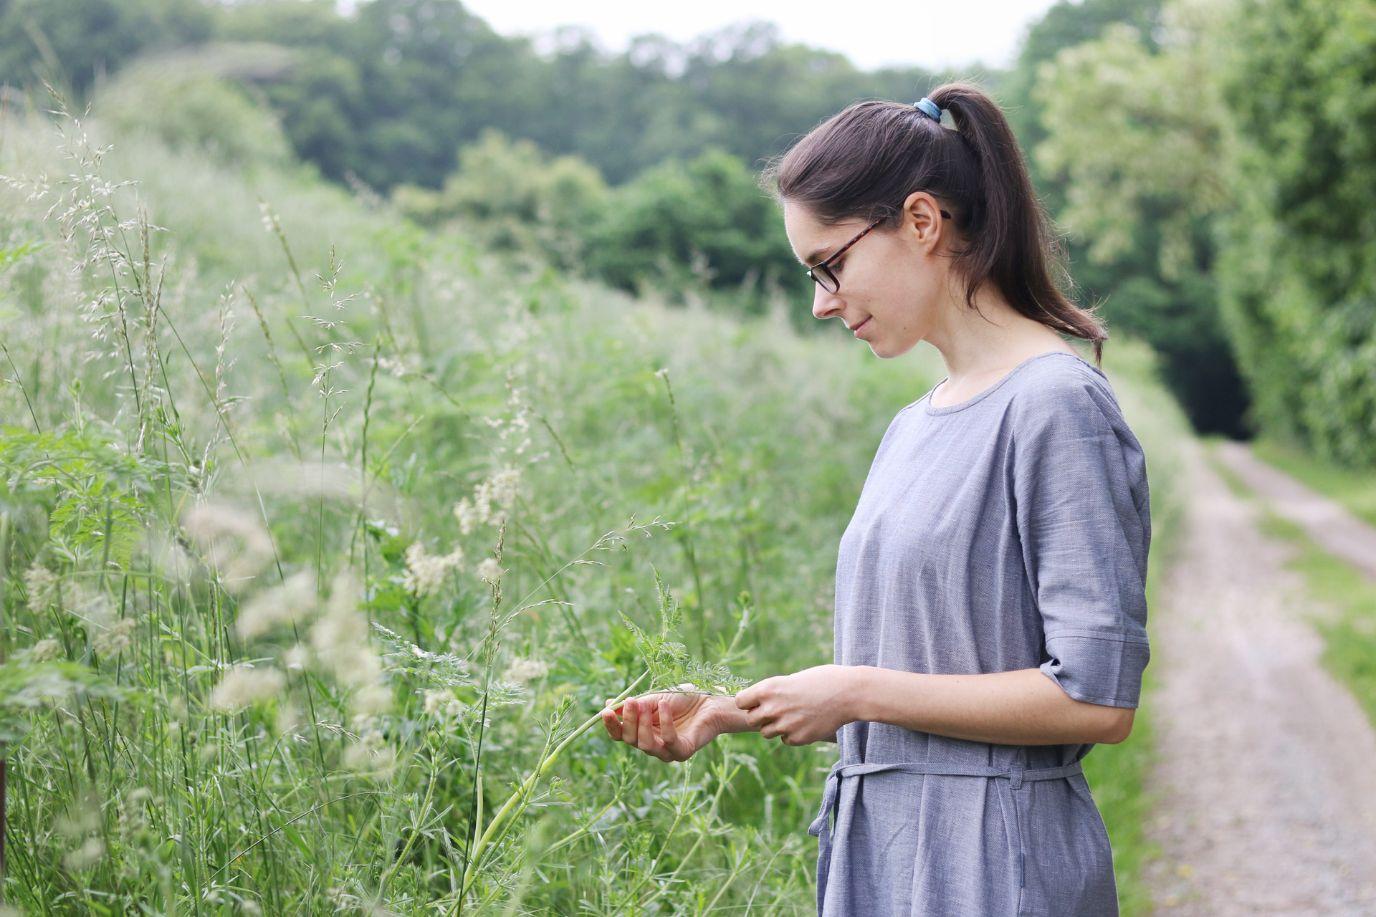 Bloggerin Lisa Albrecht steht auf einem Waldweg